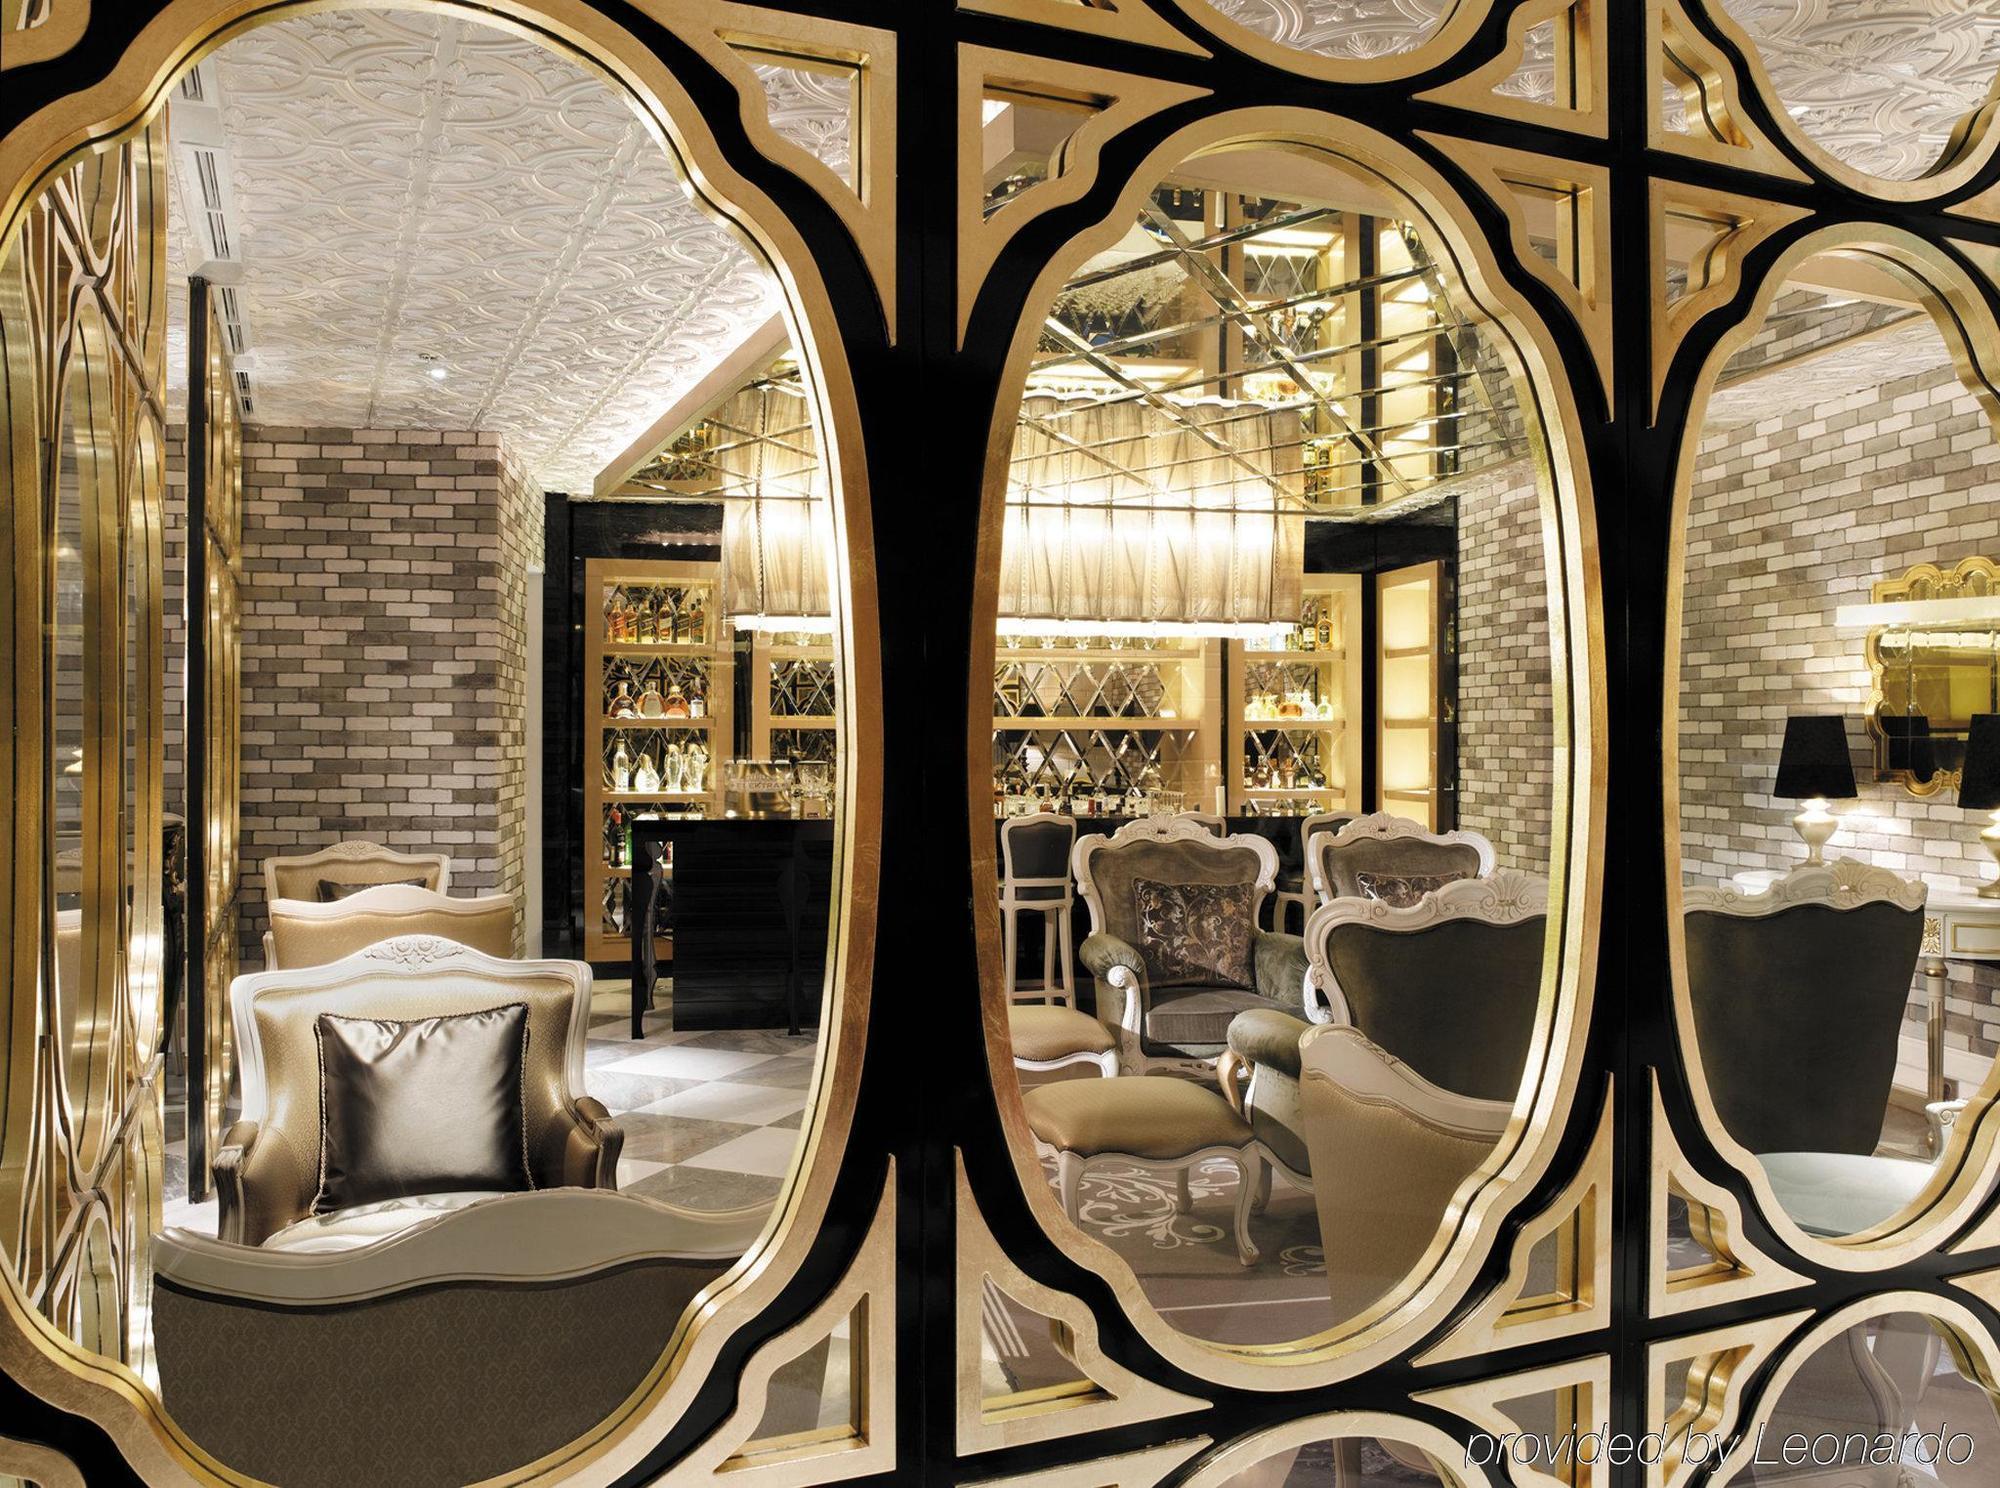 лотте отель санкт-петербург официальный сайт вакансии